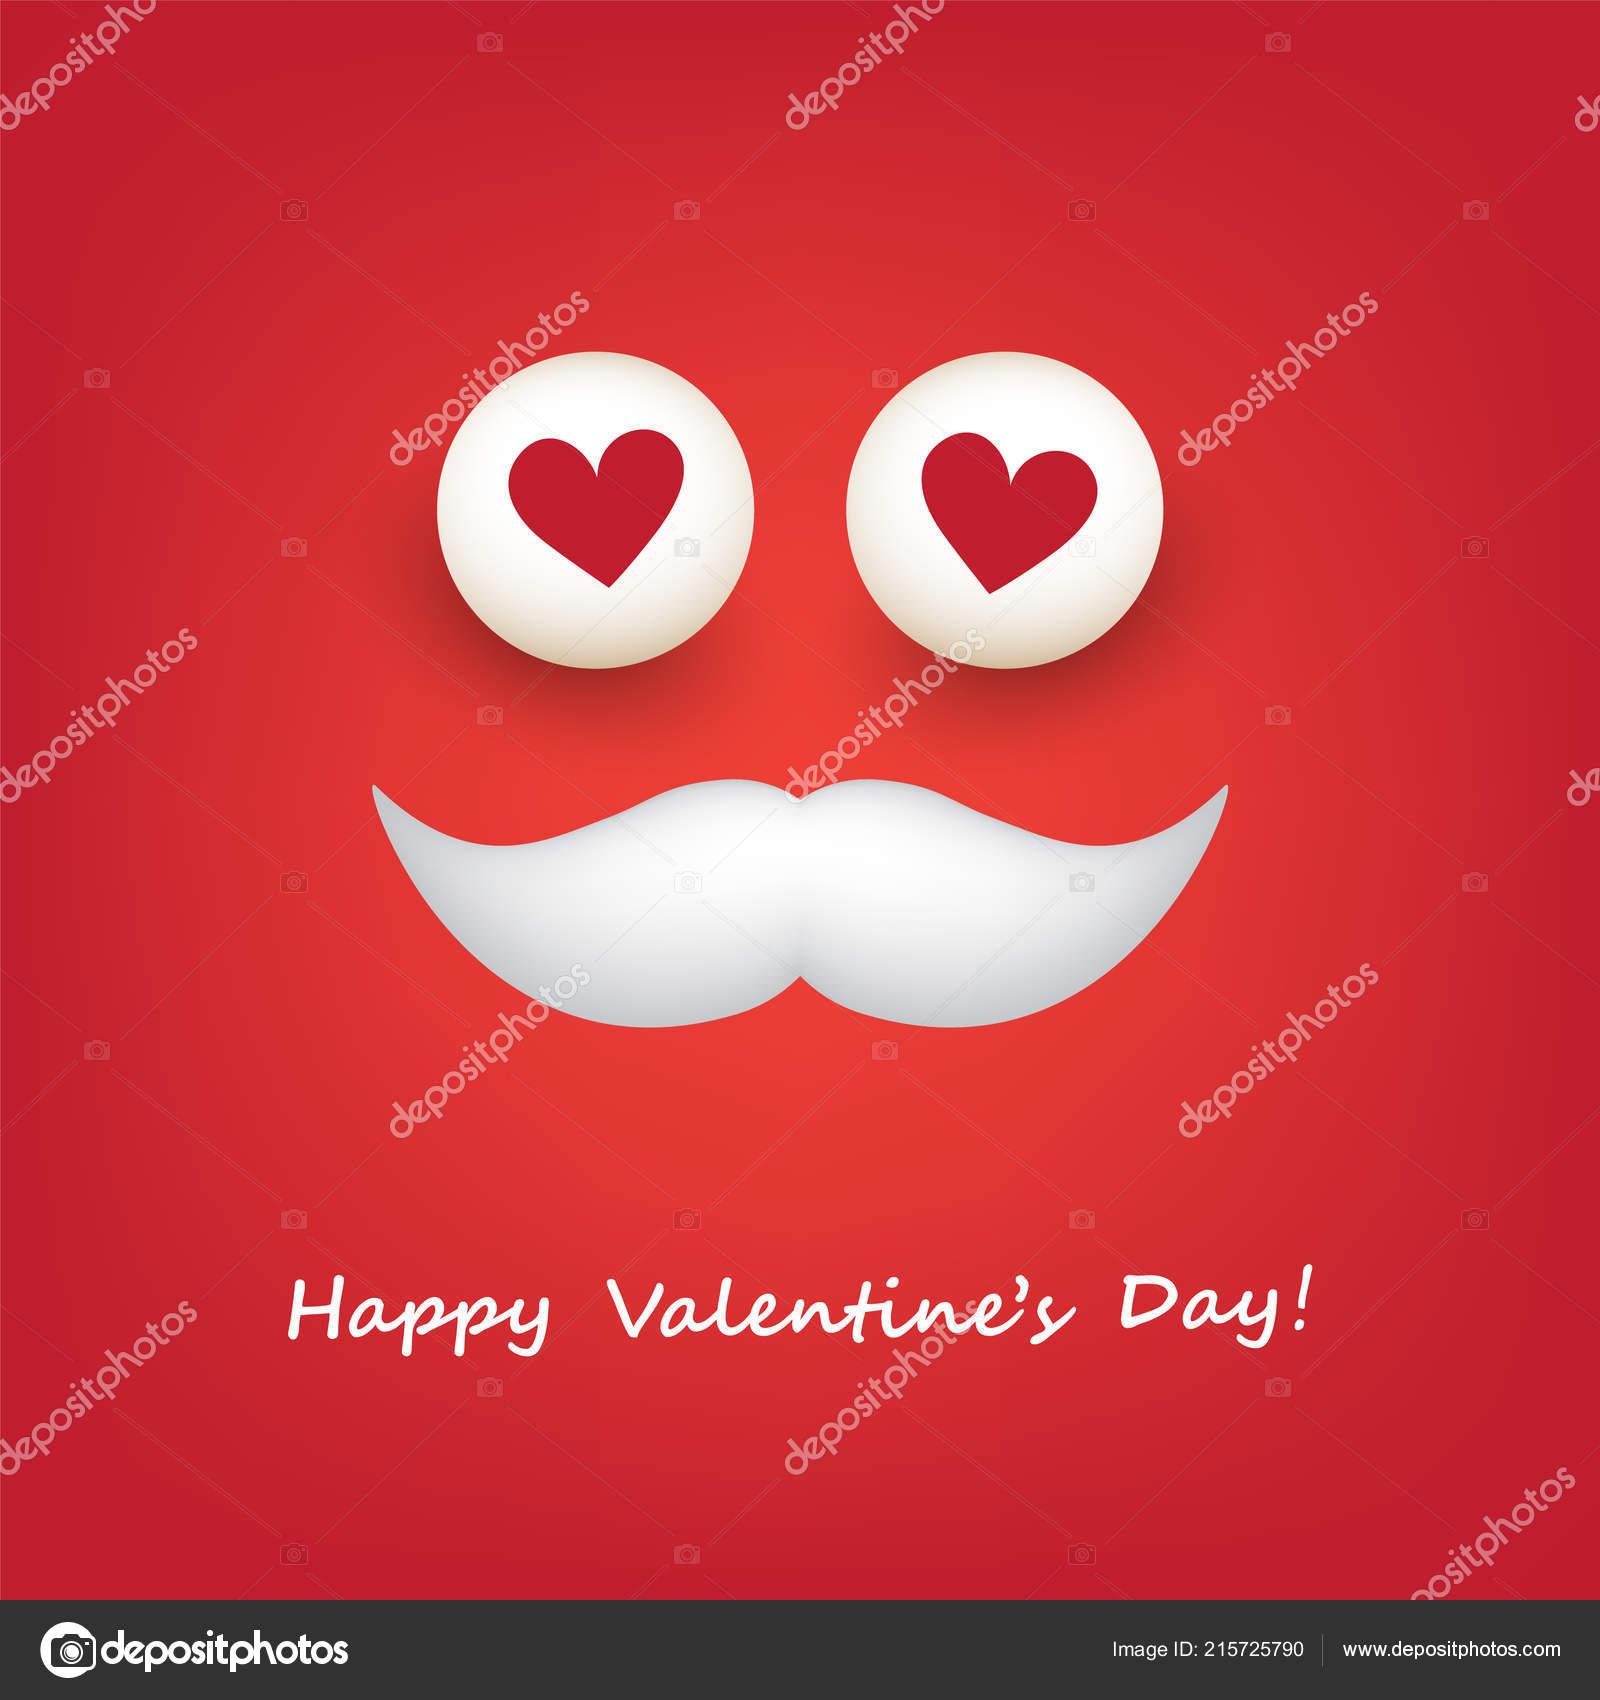 Karte Zum Valentinstag Emoji Mit Herzformigen Augen Und